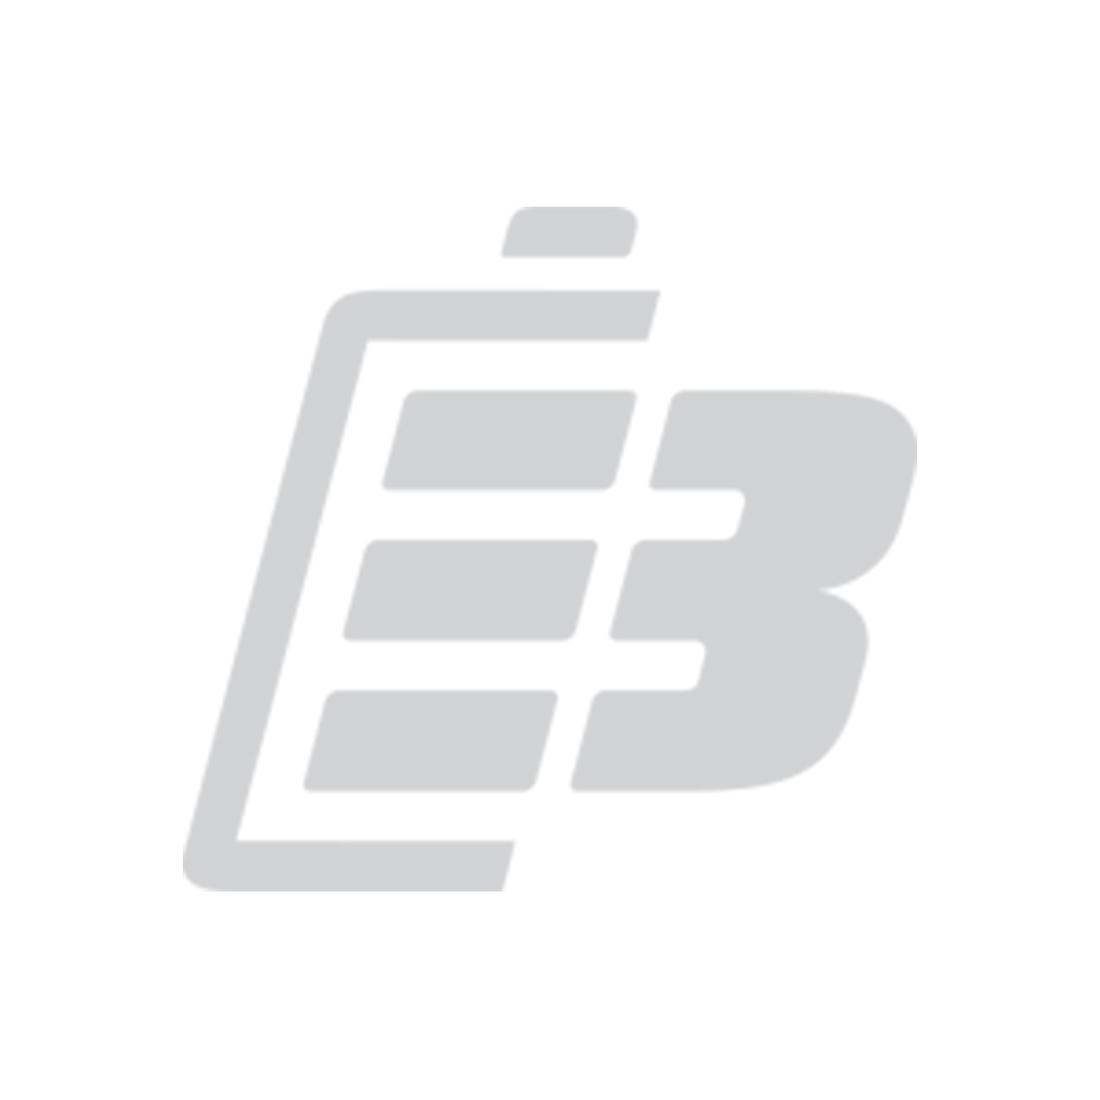 Μπαταρία φωτογραφικής μηχανής Panasonic DMW-BCA7_1